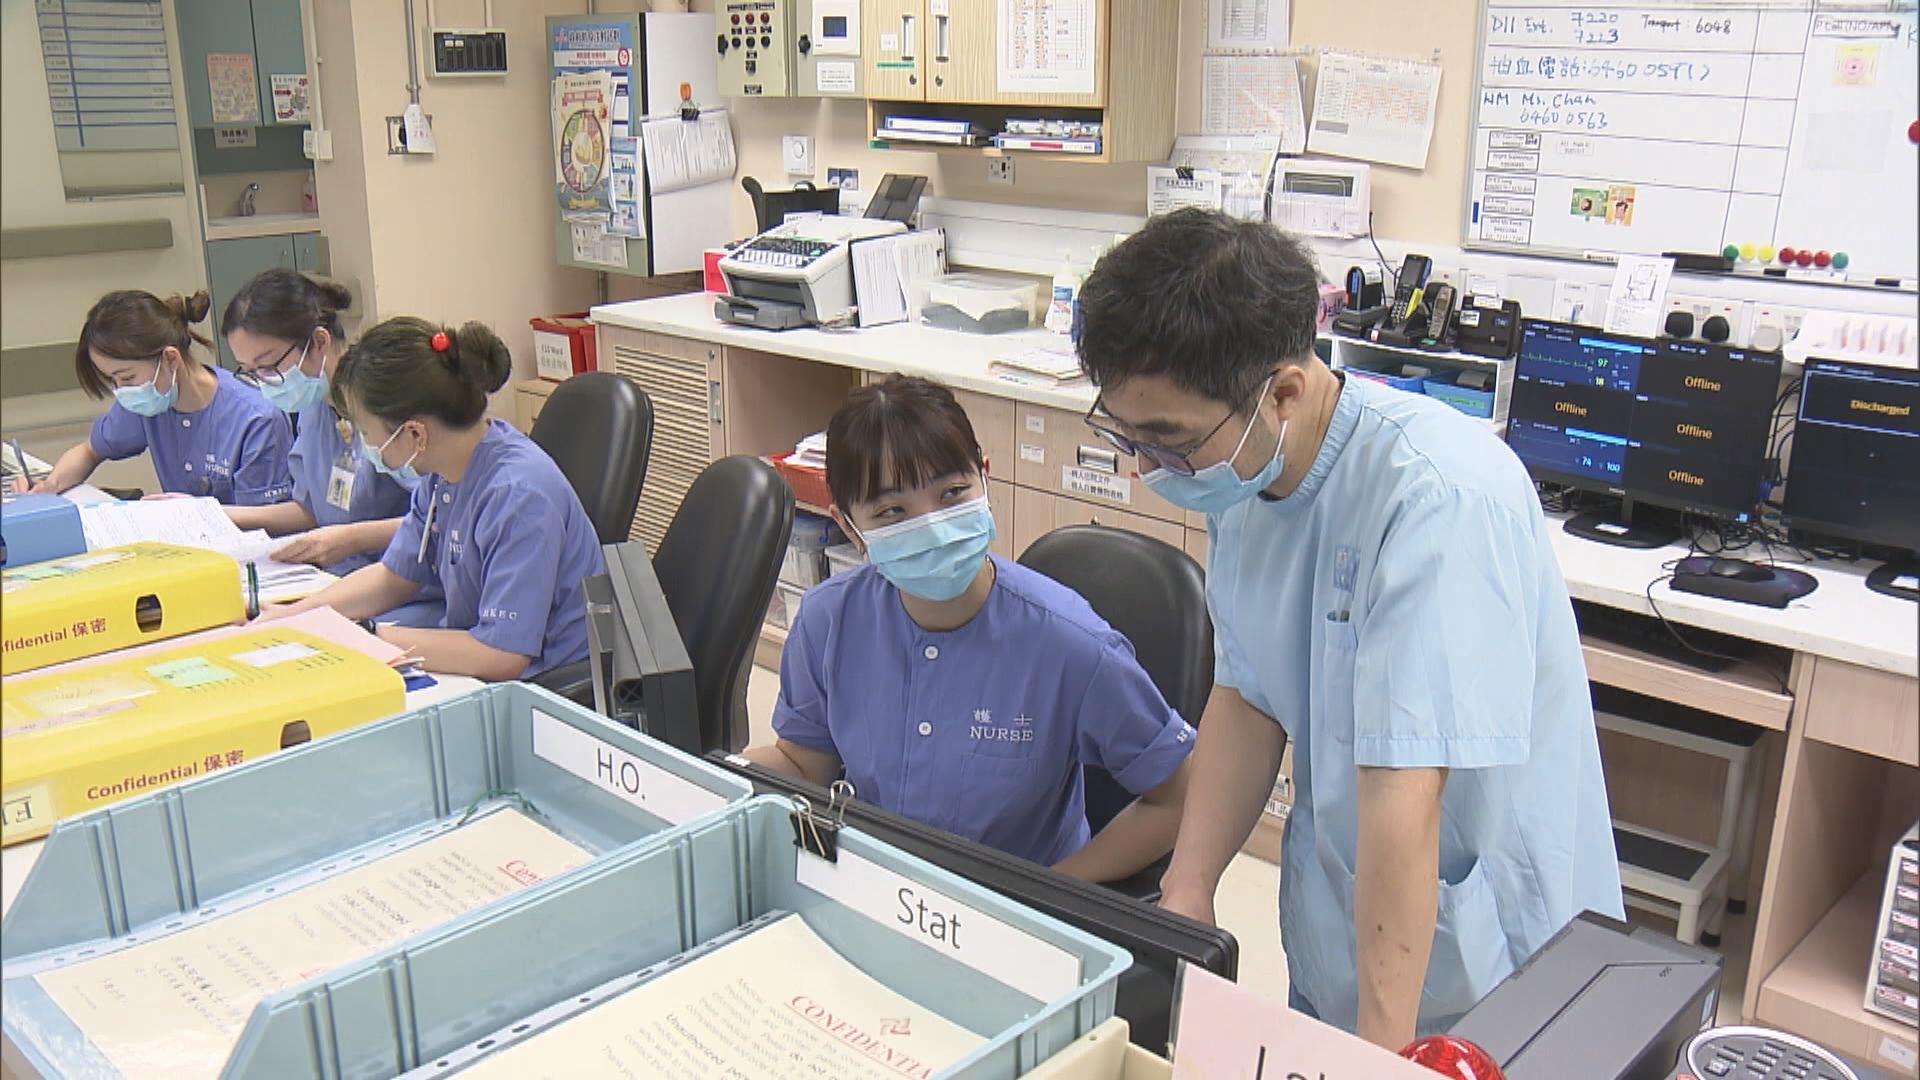 東區醫院醫生:接收打邊爐及佛堂群組壓力最大